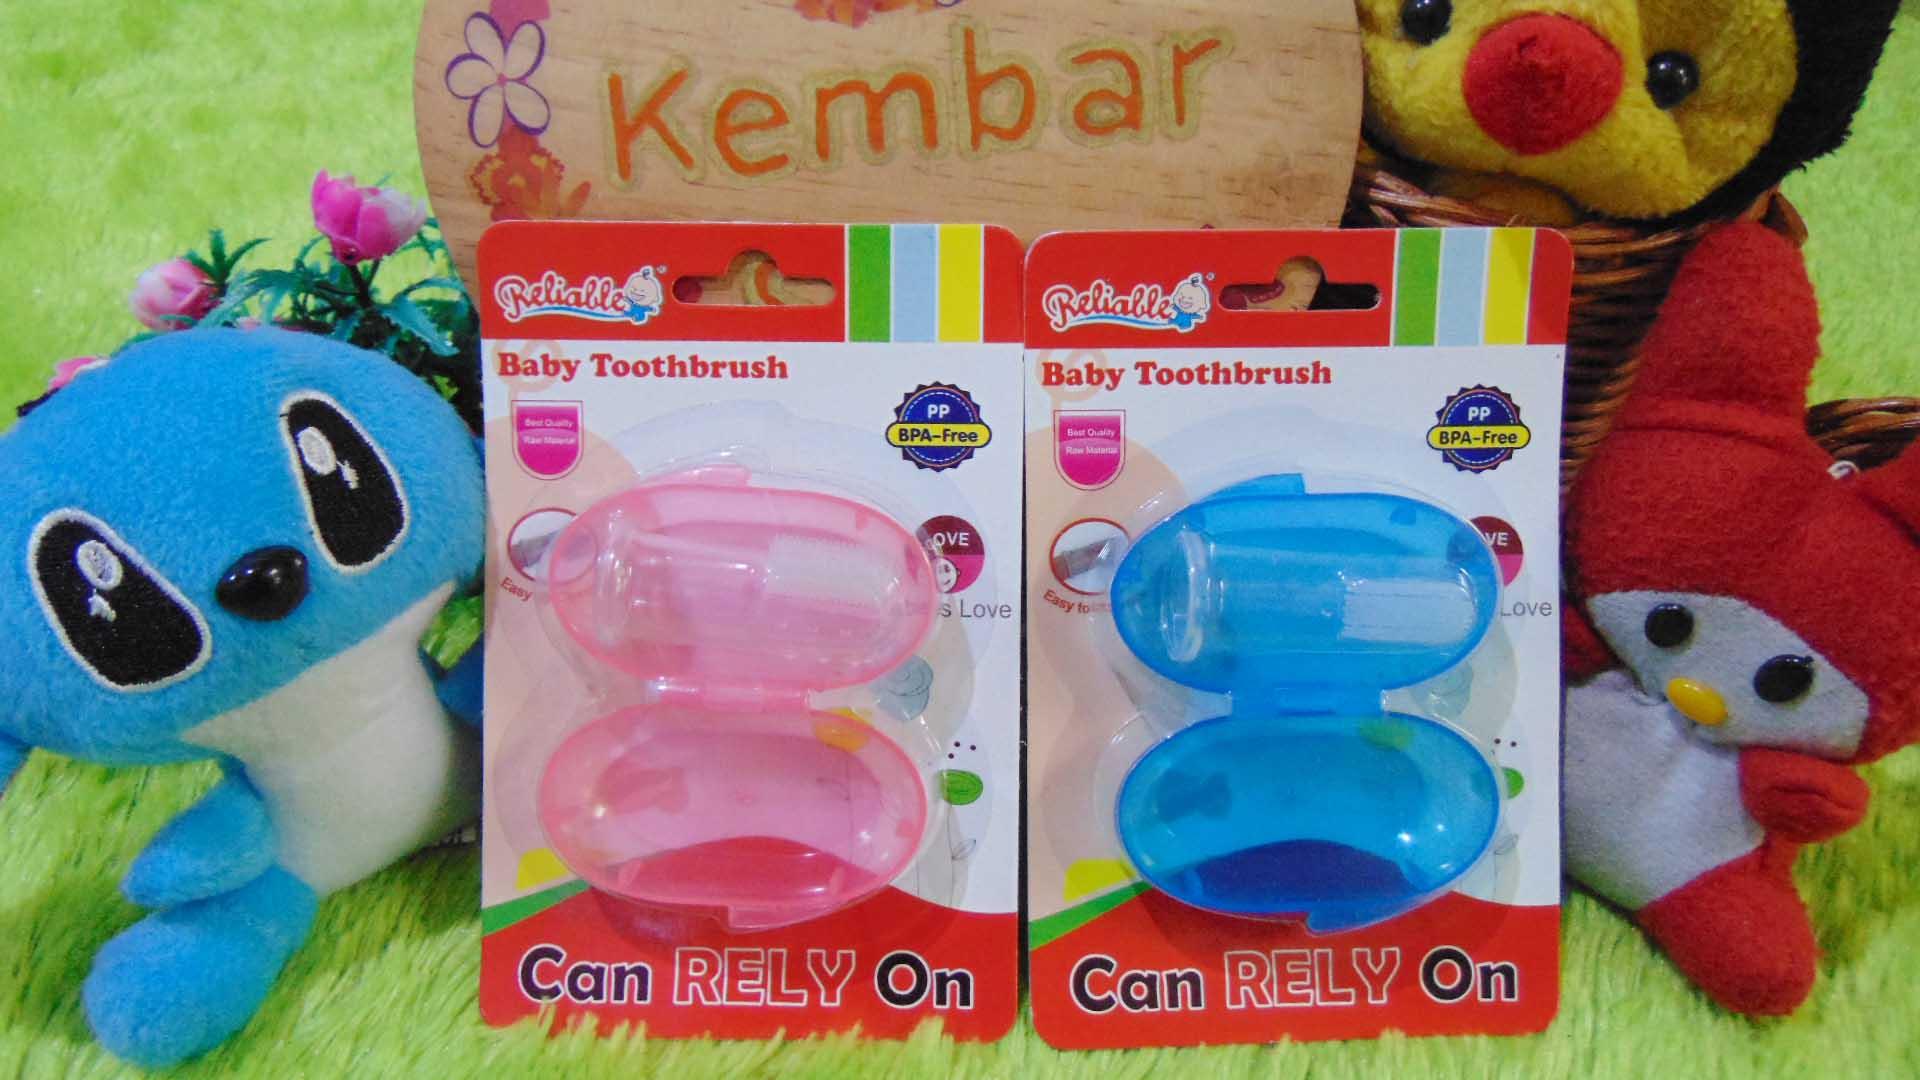 Baby Toothbrush Sikat Gigi dan Lidah bayi Dengan wadah